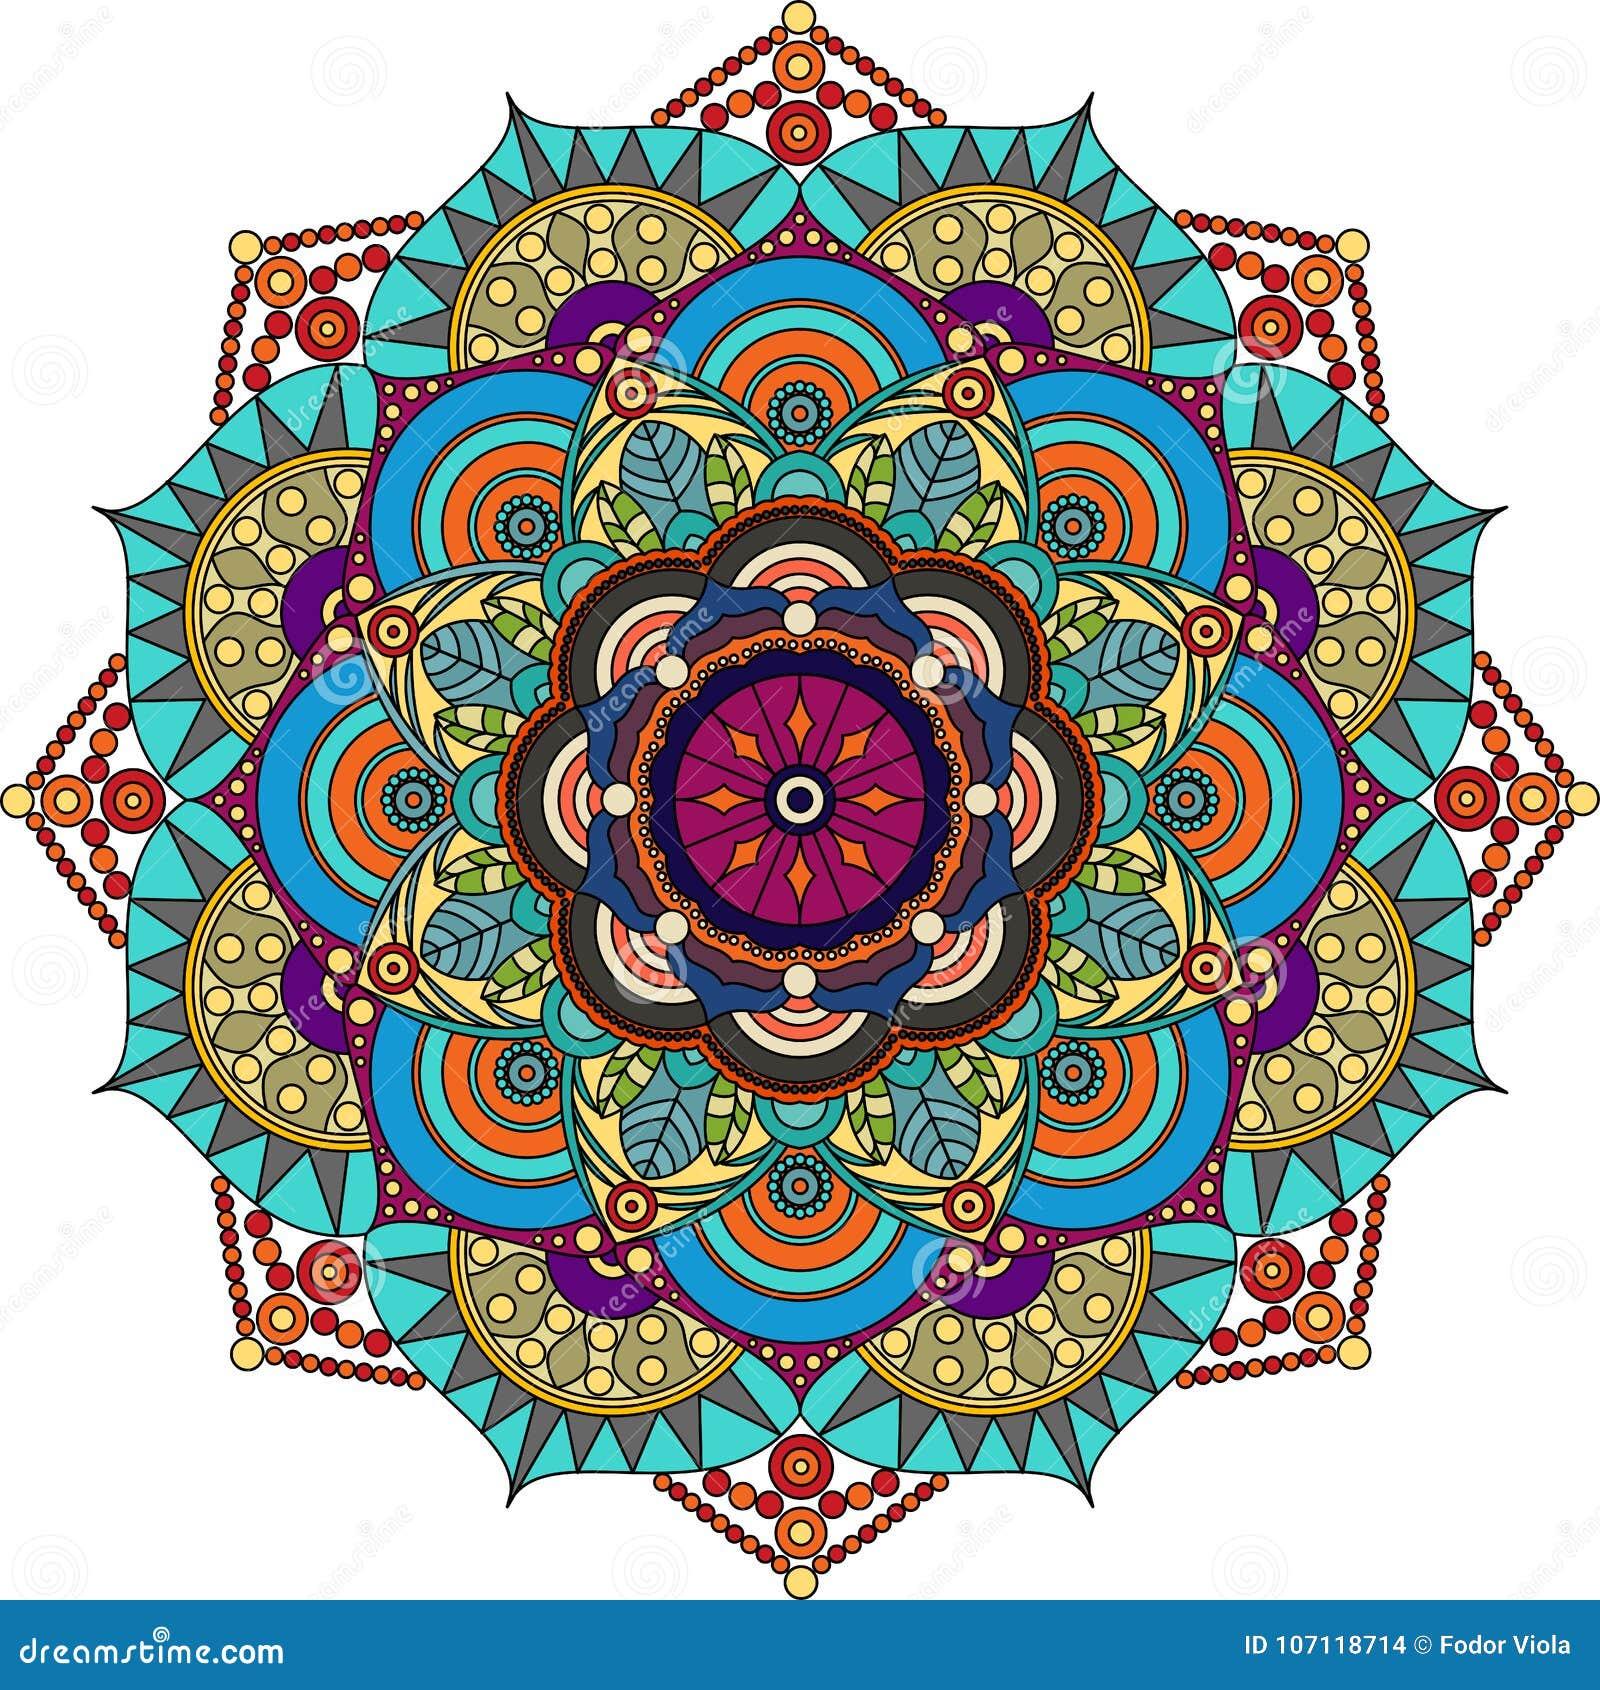 Красочная мандала, пурпур, зеленый цвет, серый цвет, цвета золота